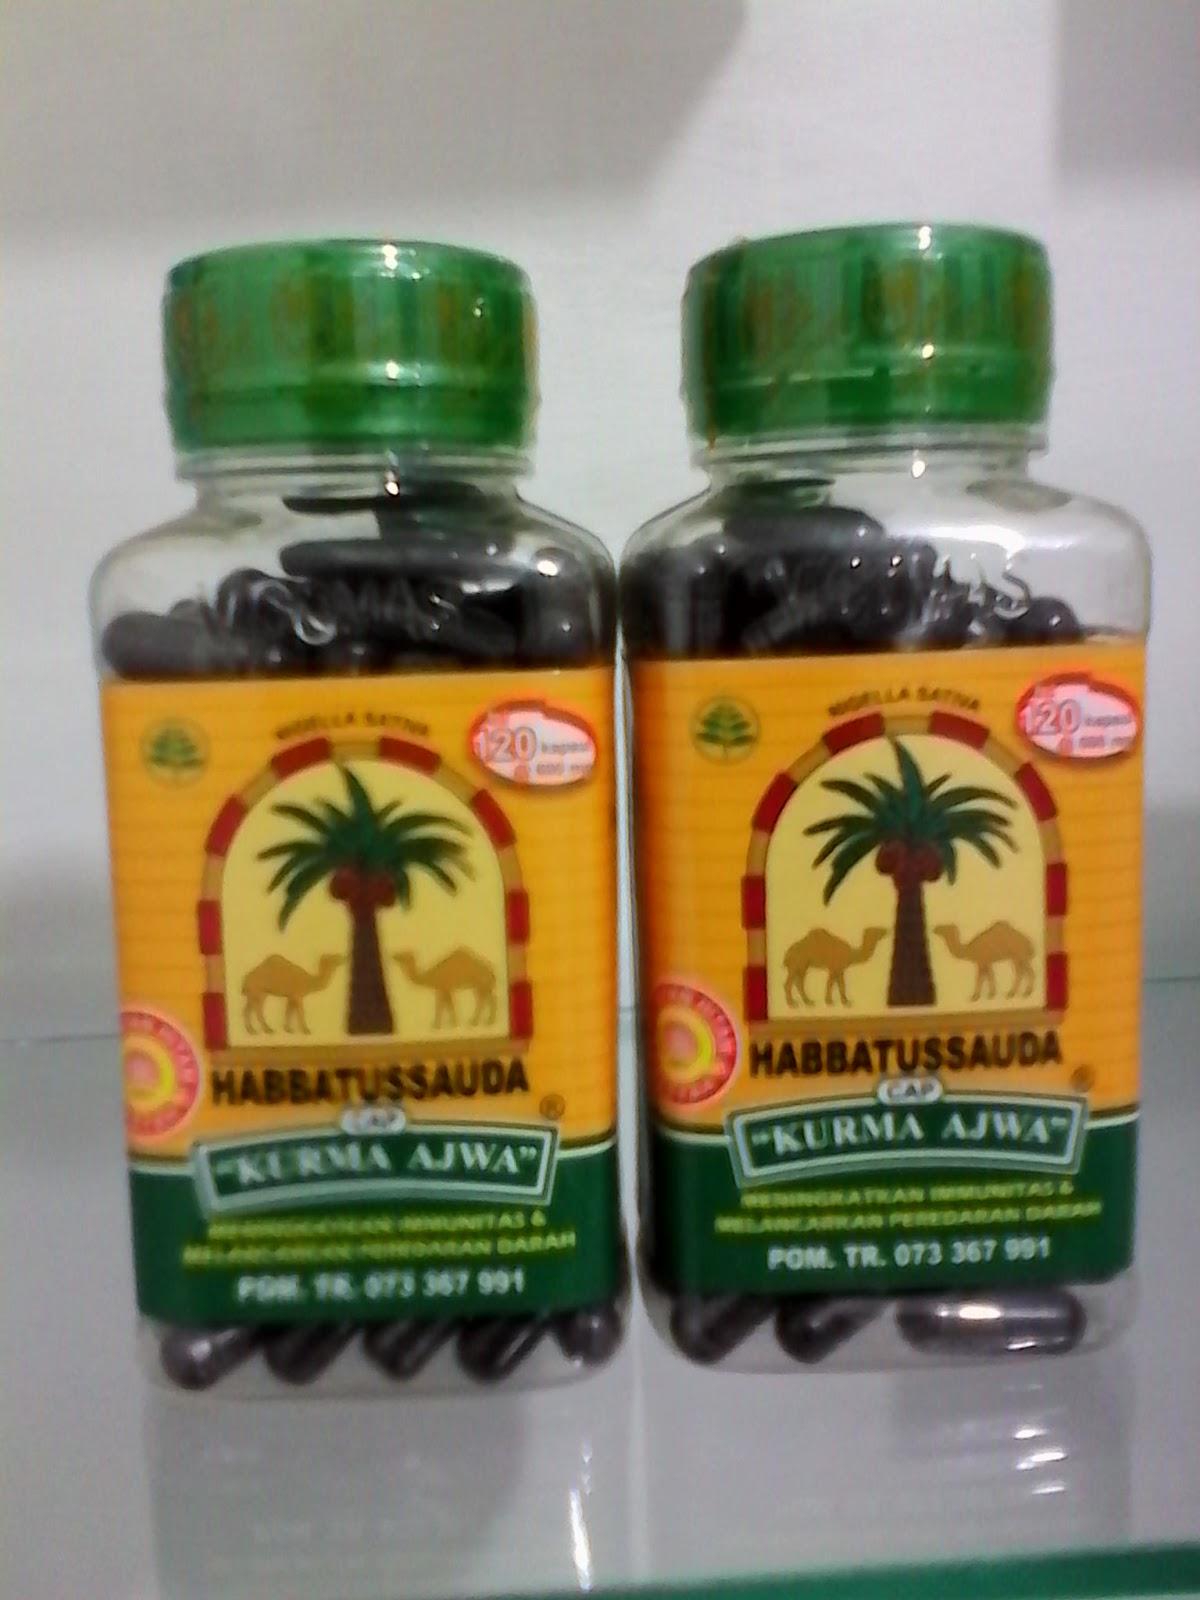 Habba Cap Kurma Ajwa 120 Rp25000 Rumah Herbal Jombang Habbatussauda Kapsul